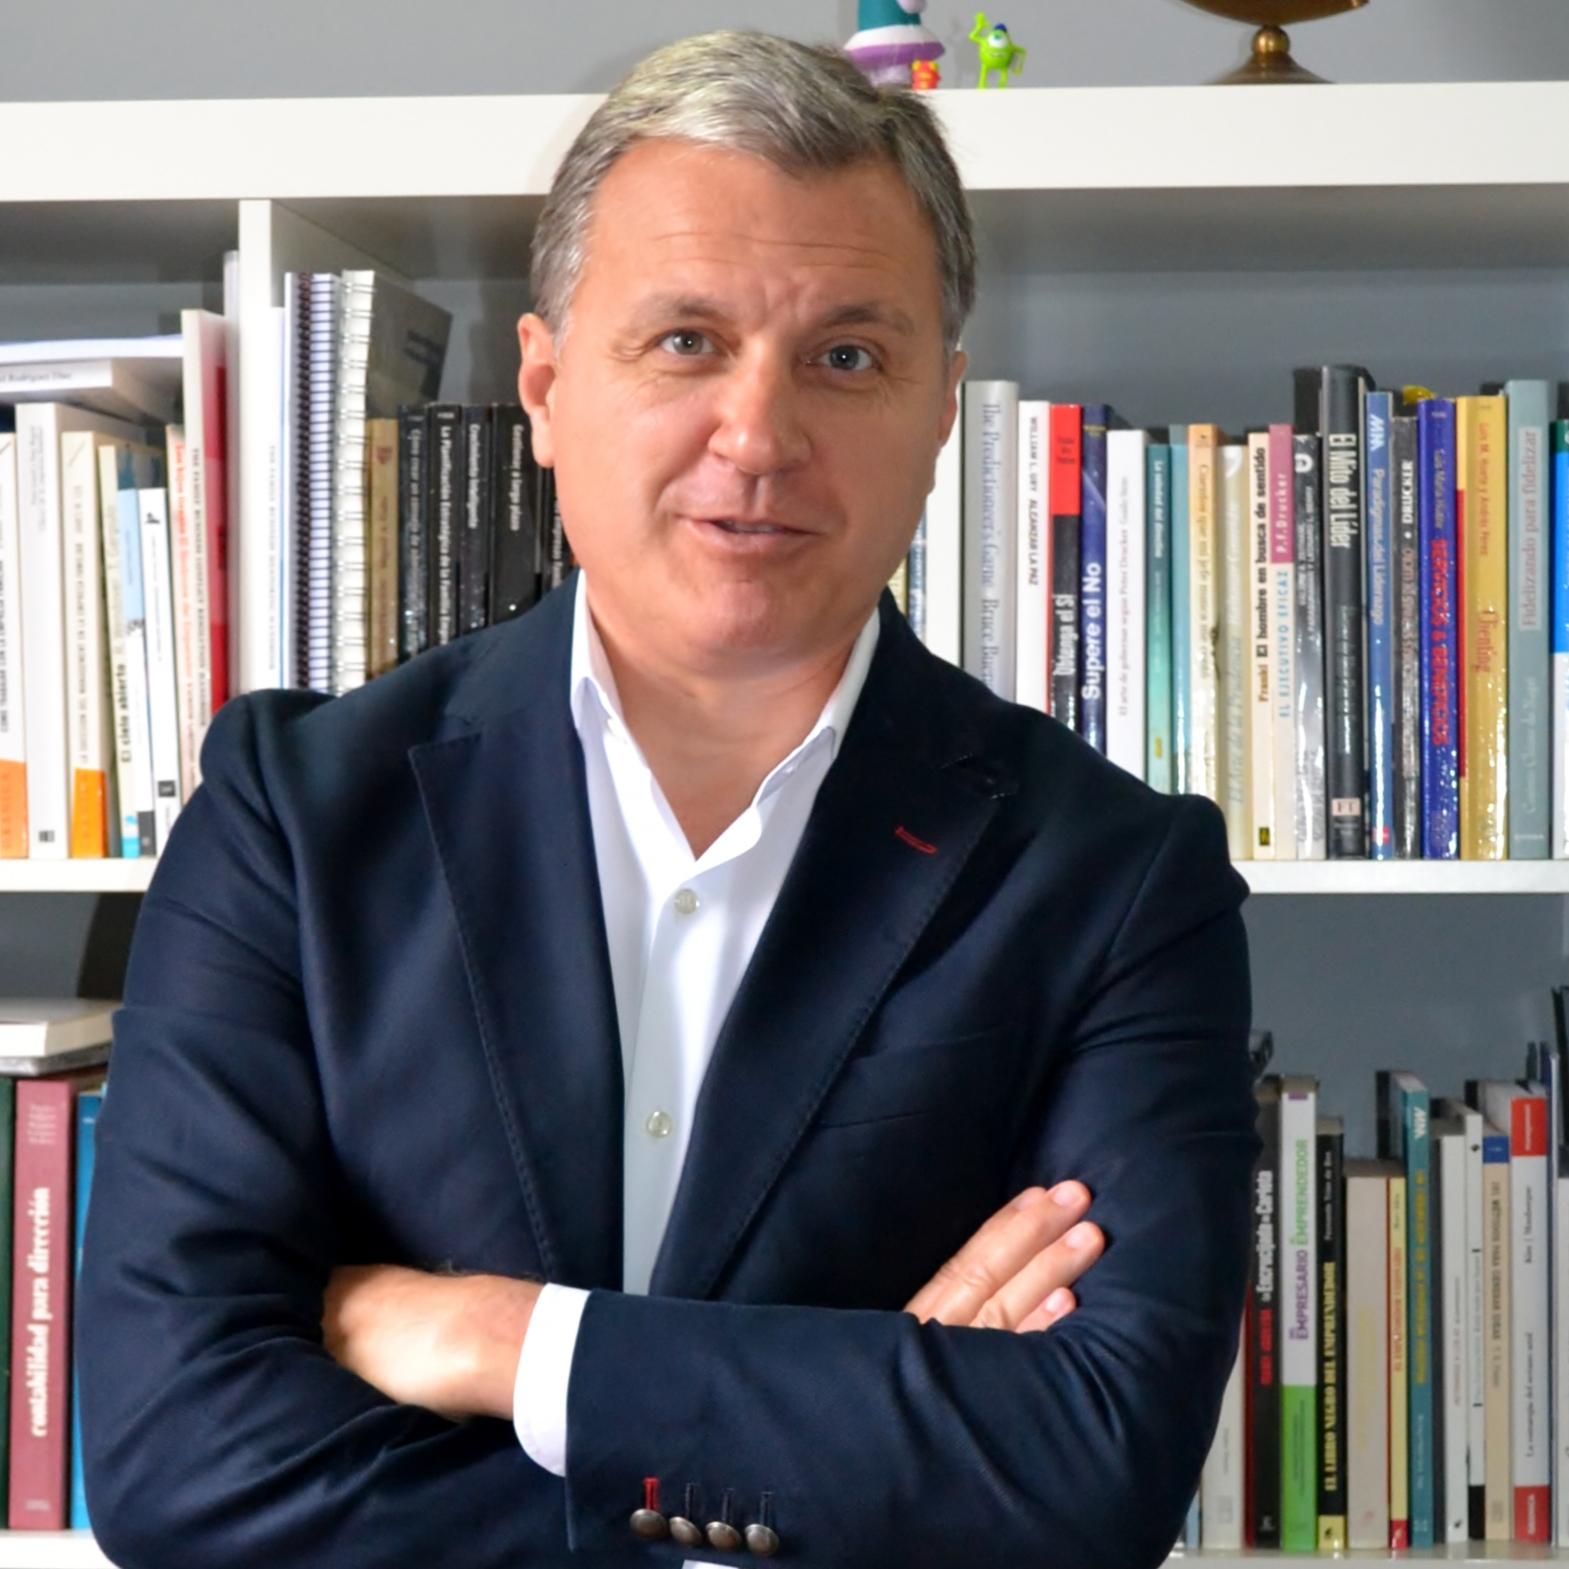 Vicente Lluch